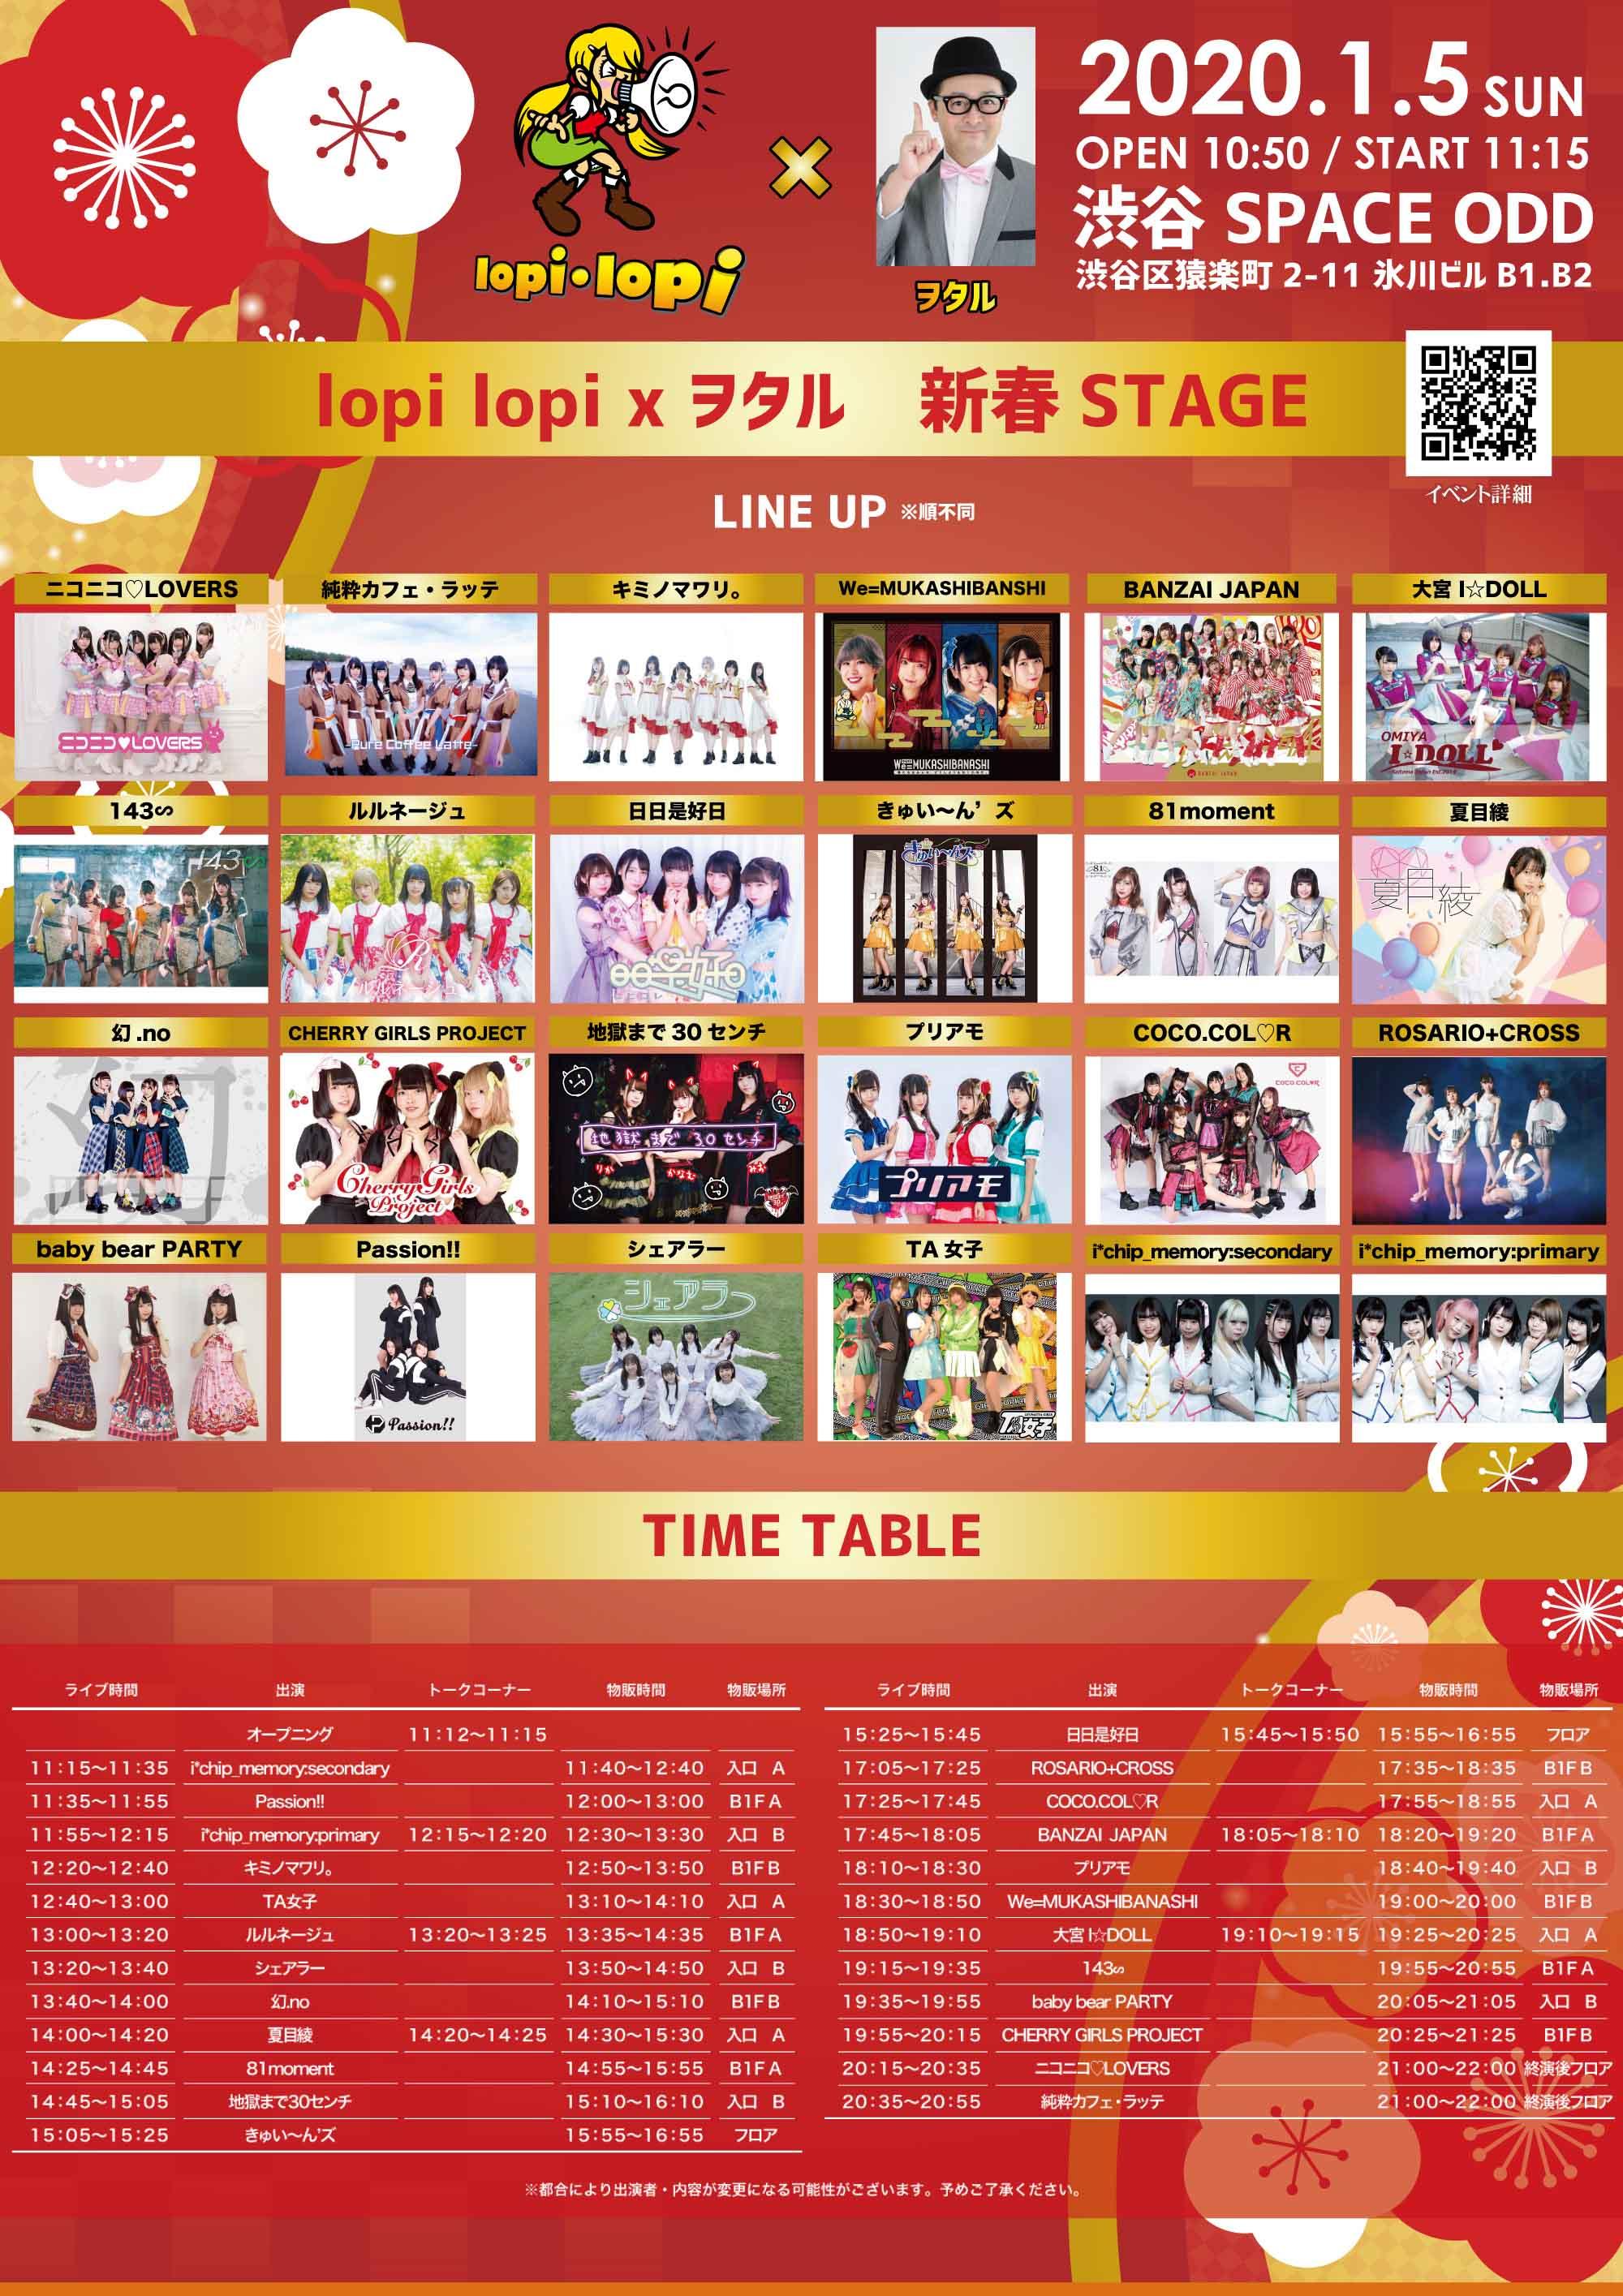 2020年 新年スペシャルイベント【lopi lopi x ヲタル 新春STAGE】 ※ご予約 1/4 23時59分〆切